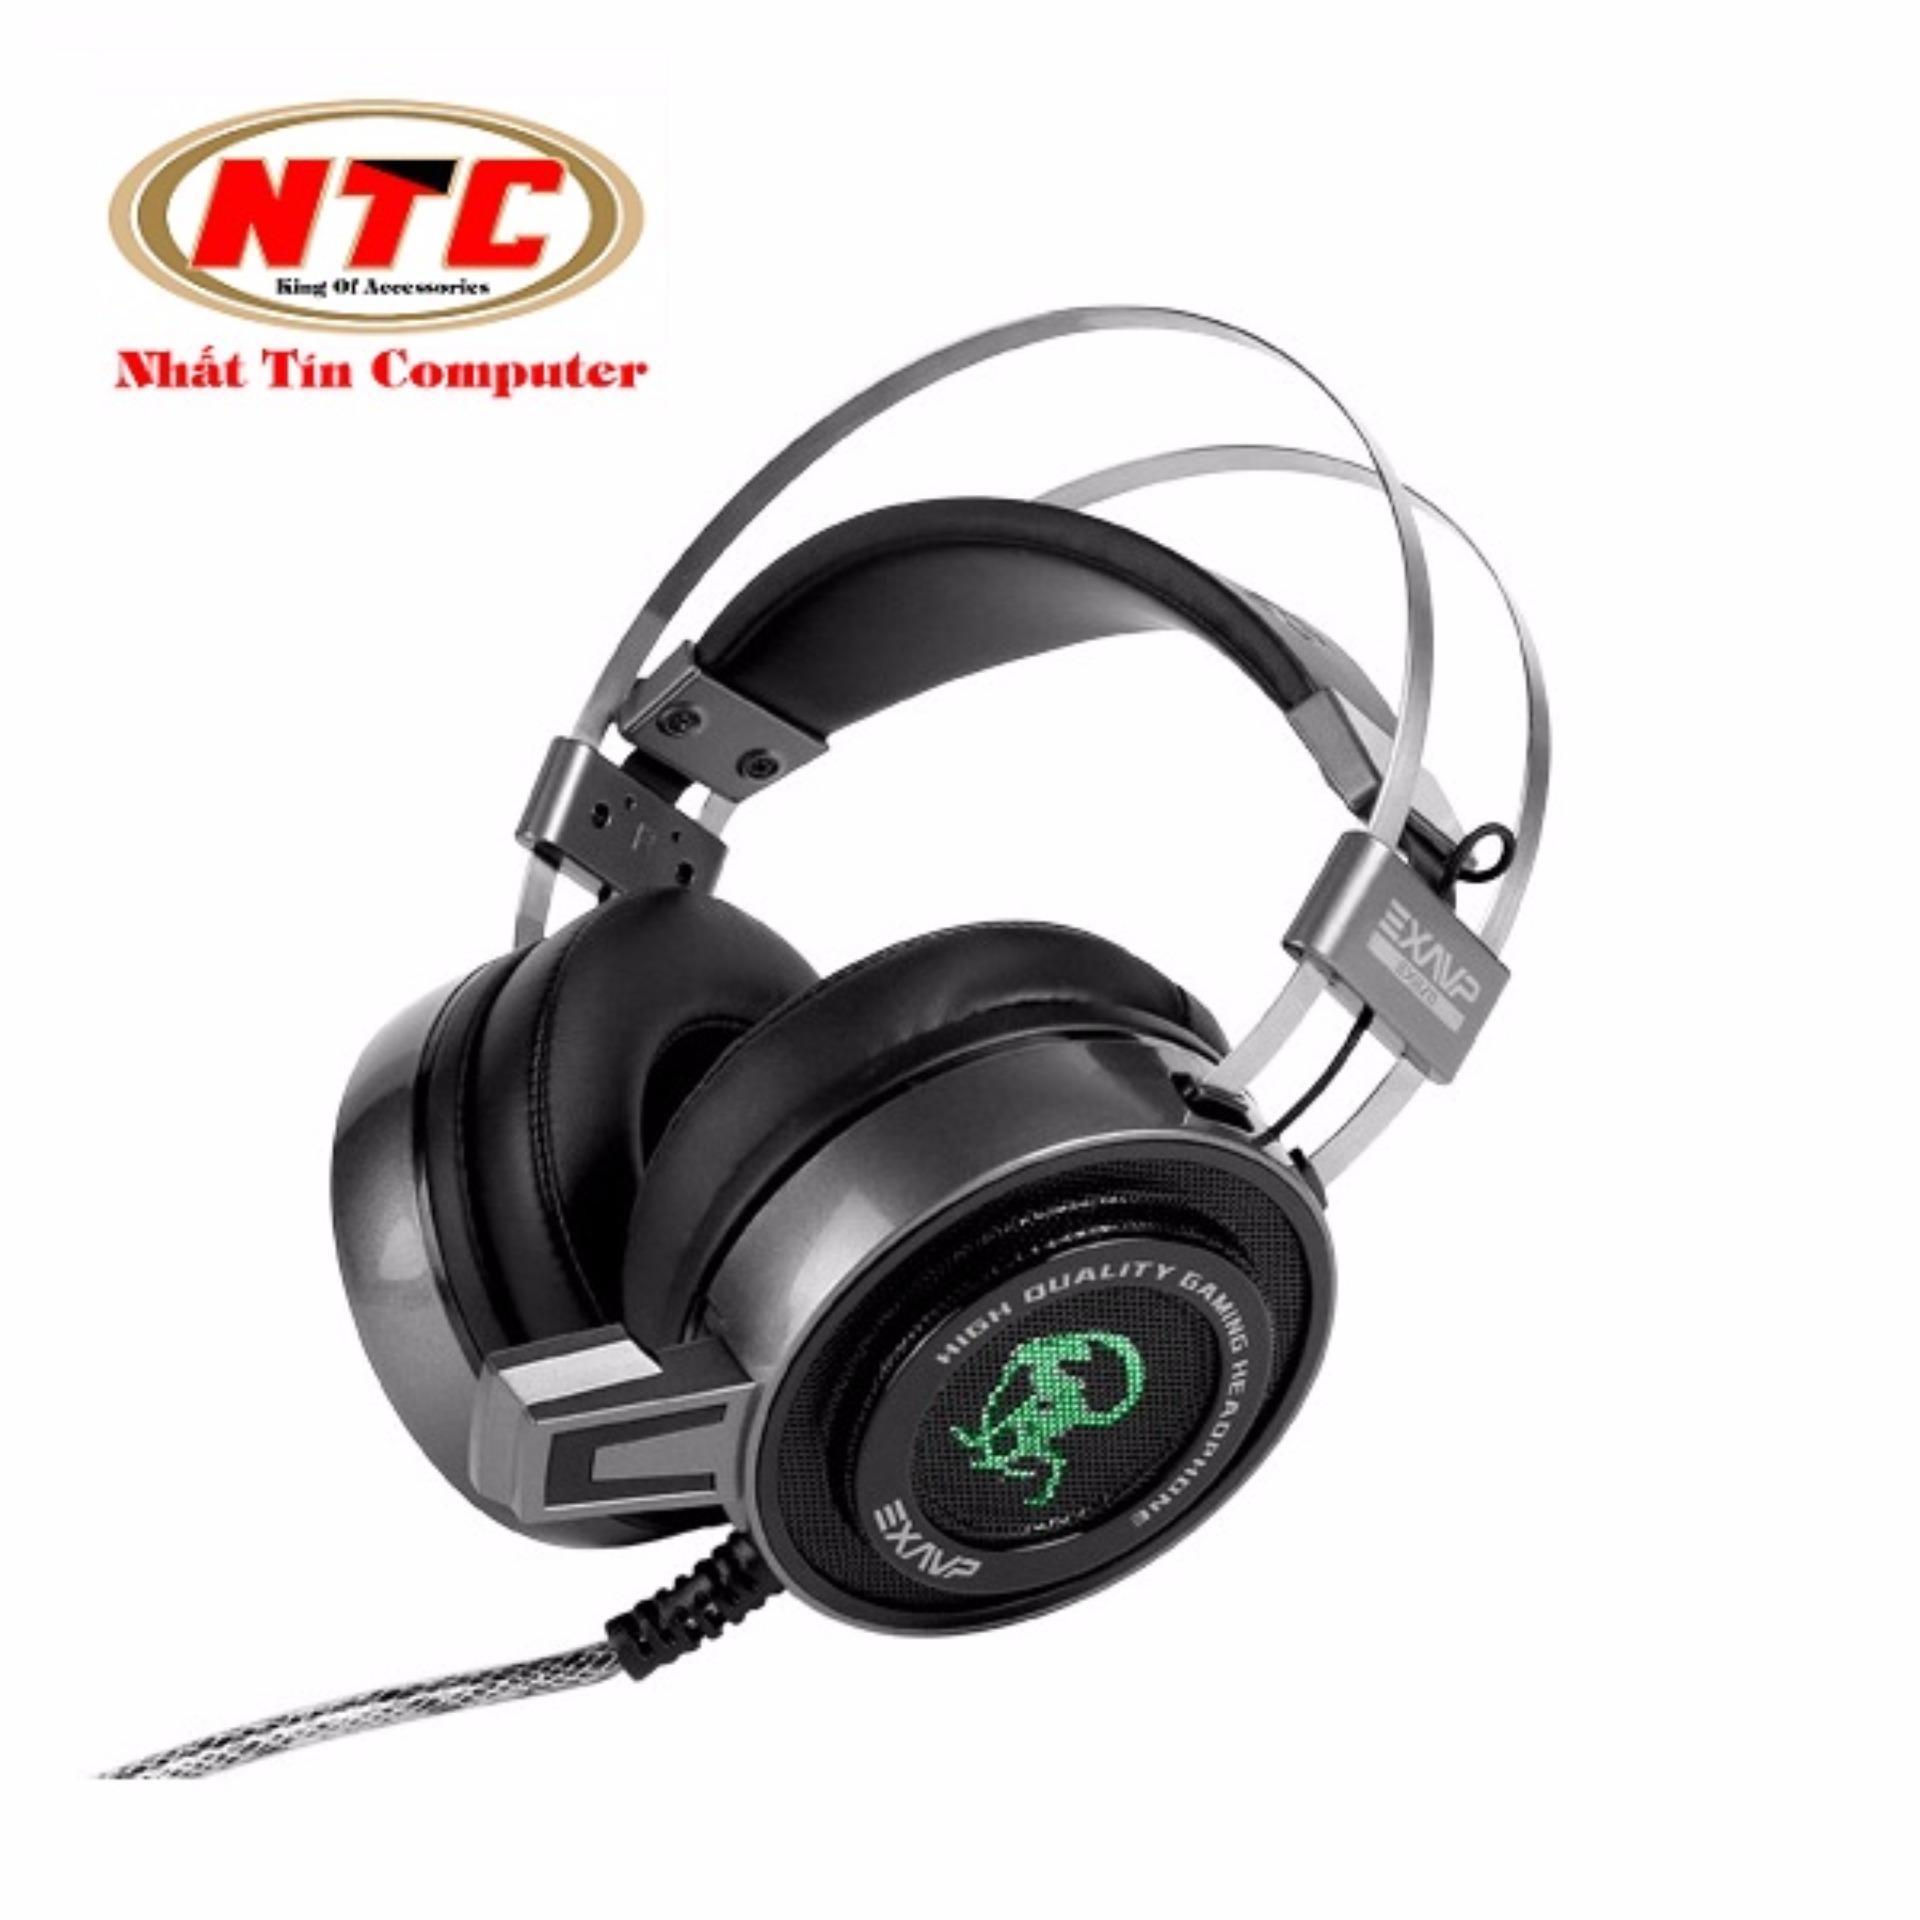 Tai nghe chụp tai chuyên game EXAVP EX820V 7.1 Rung và Led (Đen) – Hãng phân phối chính thức Đang Bán Tại Nhất Tín Computer (Tp.HCM)